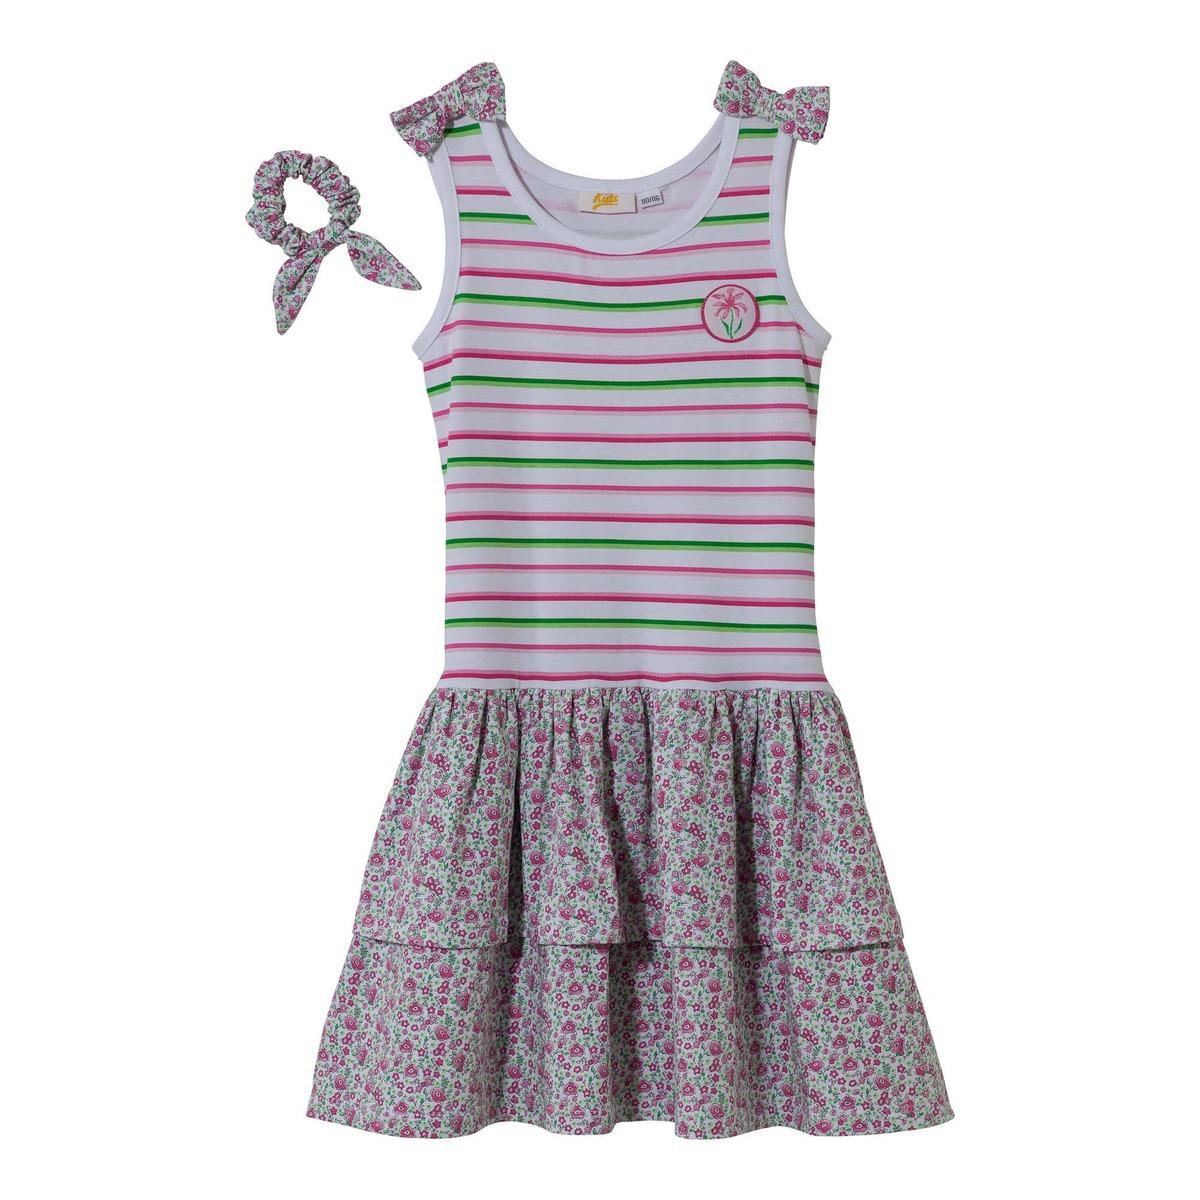 Bild 2 von Kinder-Mädchen-Kleid mit luftigem Stufenrock